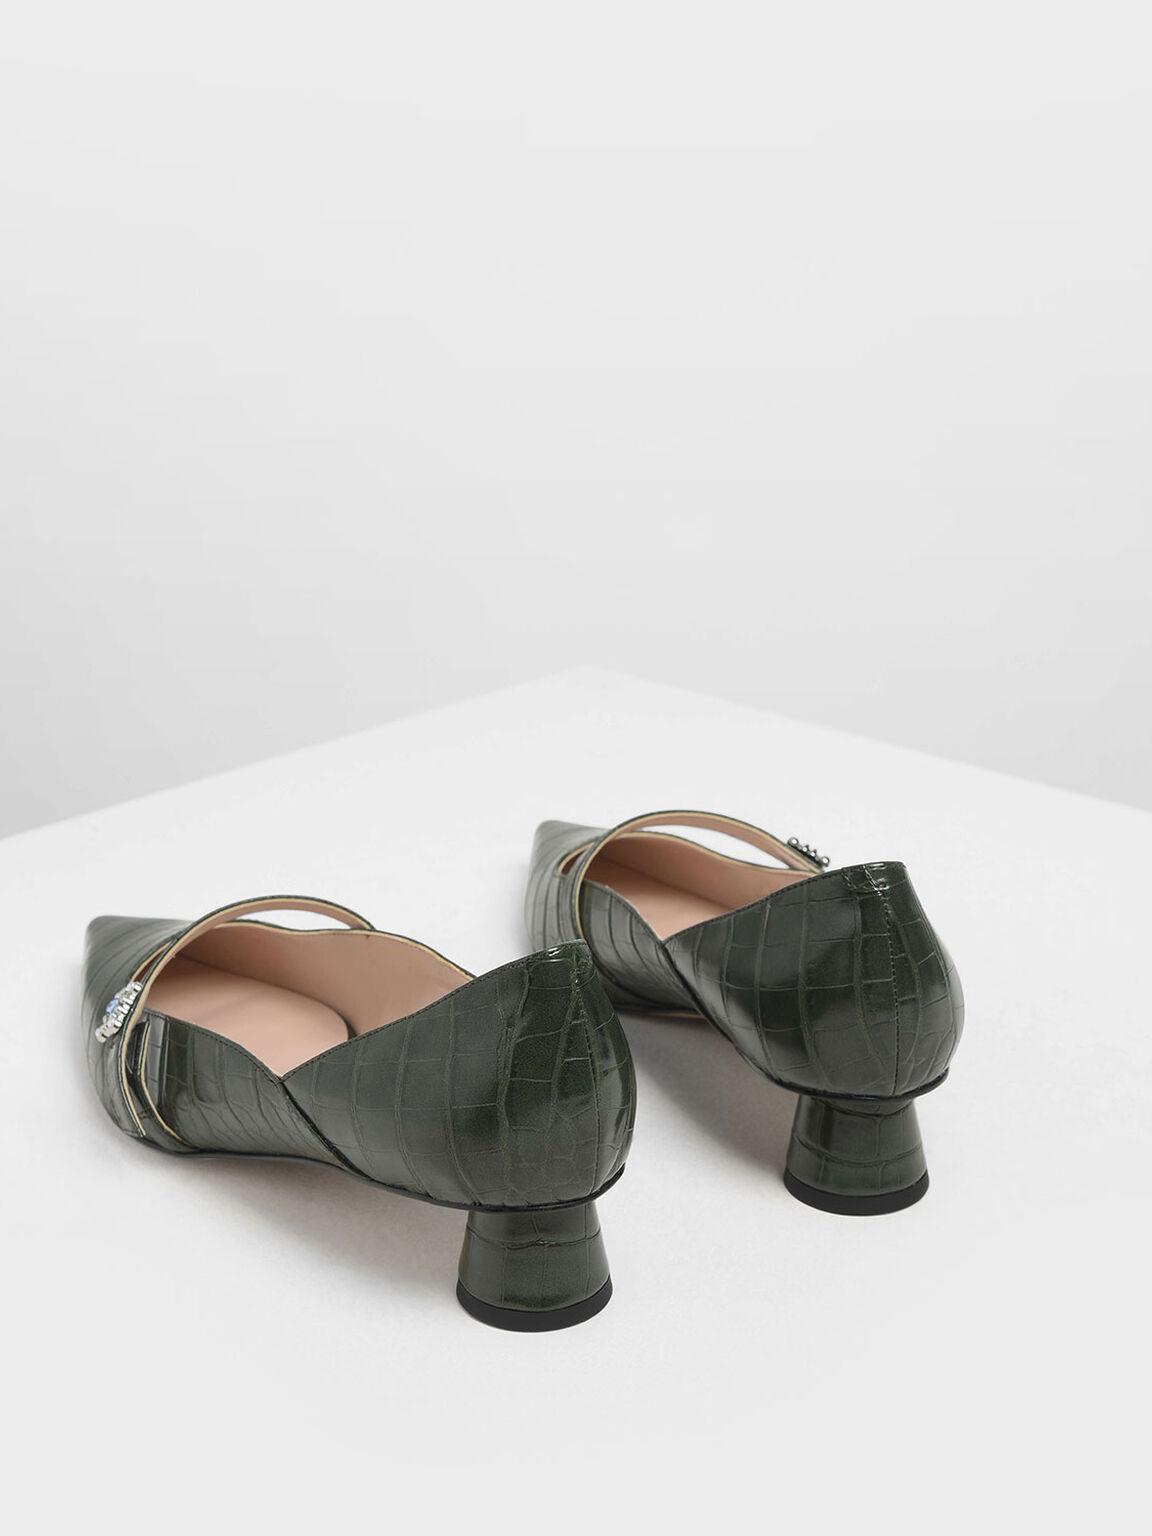 Croc-Effect Gem Embellished Cylindrical Heel Mary Jane Pumps, Green, hi-res